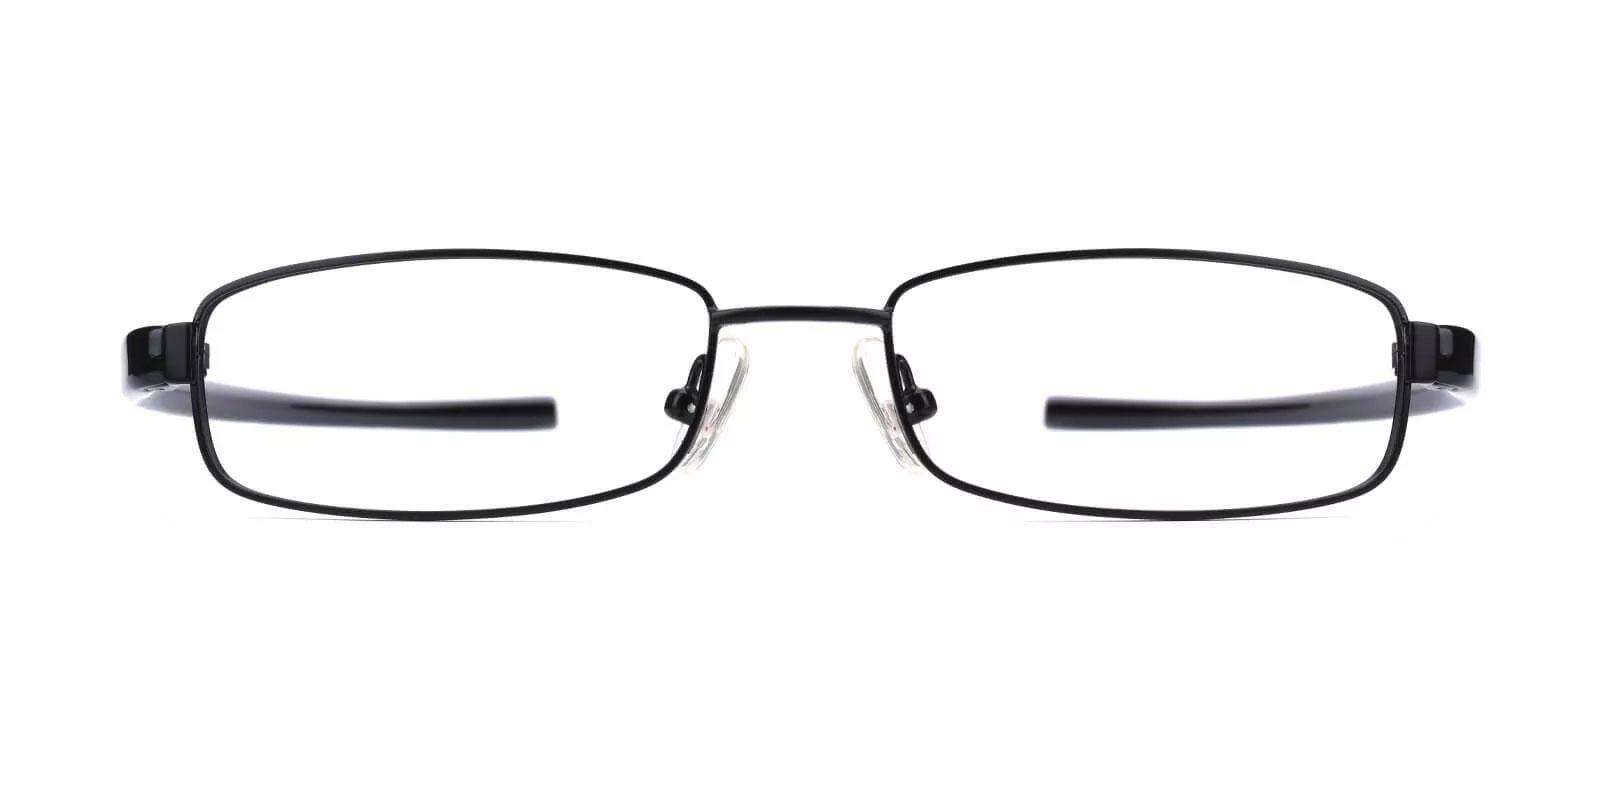 Samuel Black Metal Eyeglasses , Lightweight , NosePads Frames from ABBE Glasses